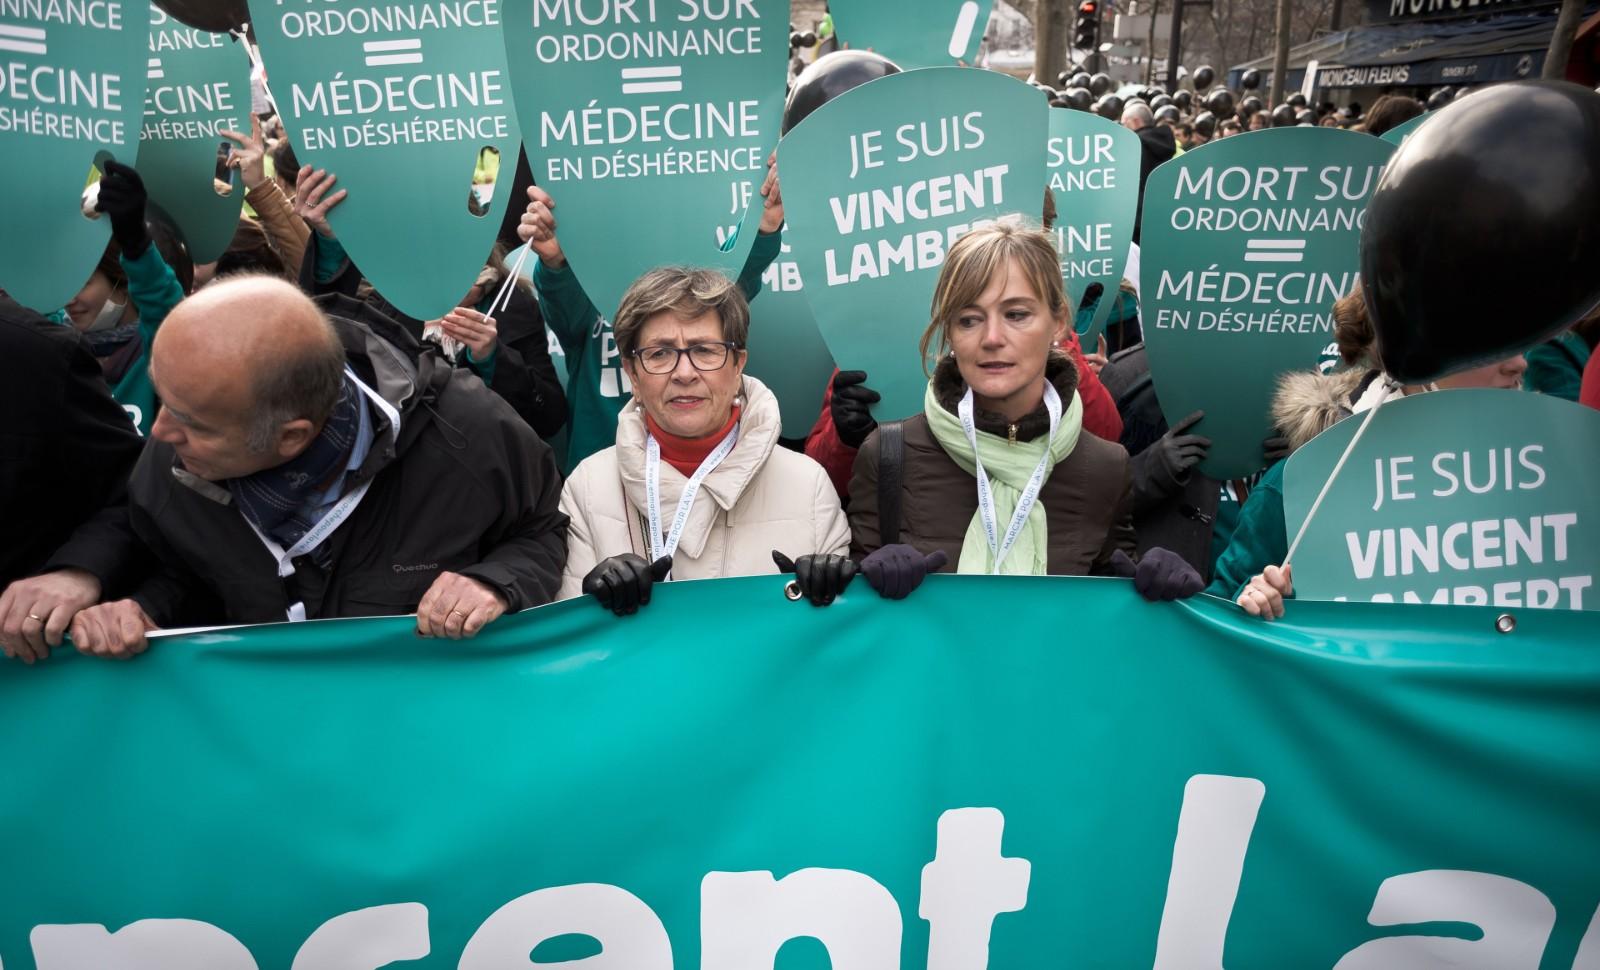 Viviane Lambert (Mère de Vincent Lambert), au centre, dans une manifestation en 2015 © NICOLAS MESSYASZ / SIPA Numéro de reportage : 00702778_000004